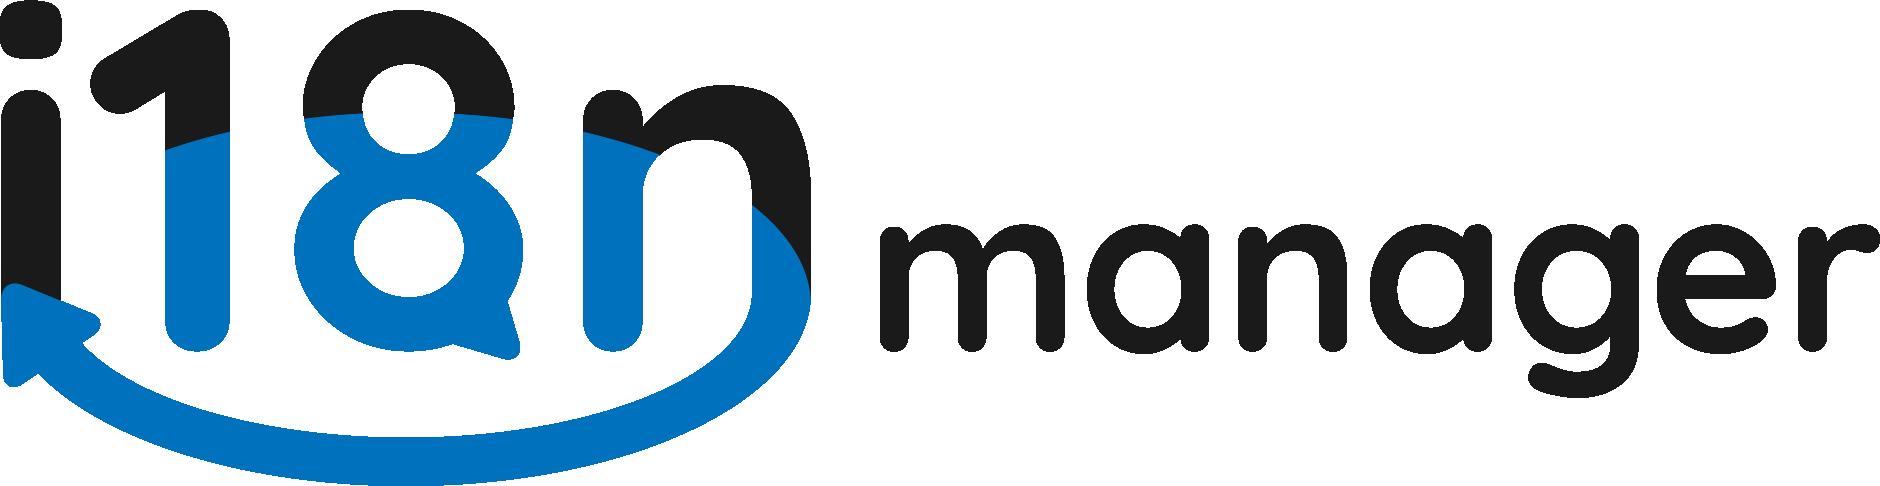 i18n-manager